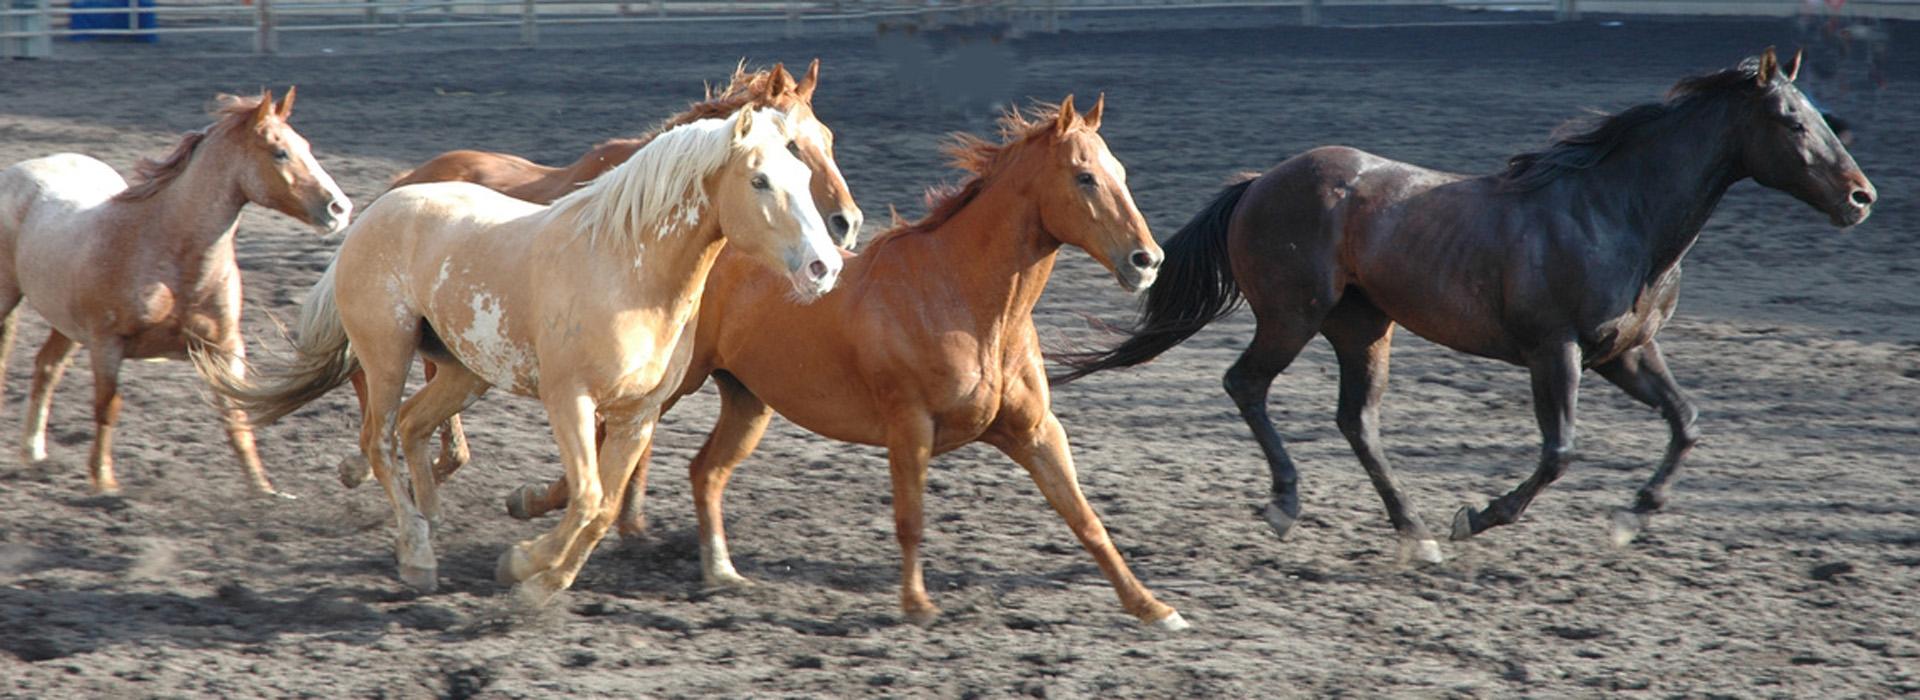 Rund um Pferd und Reiter